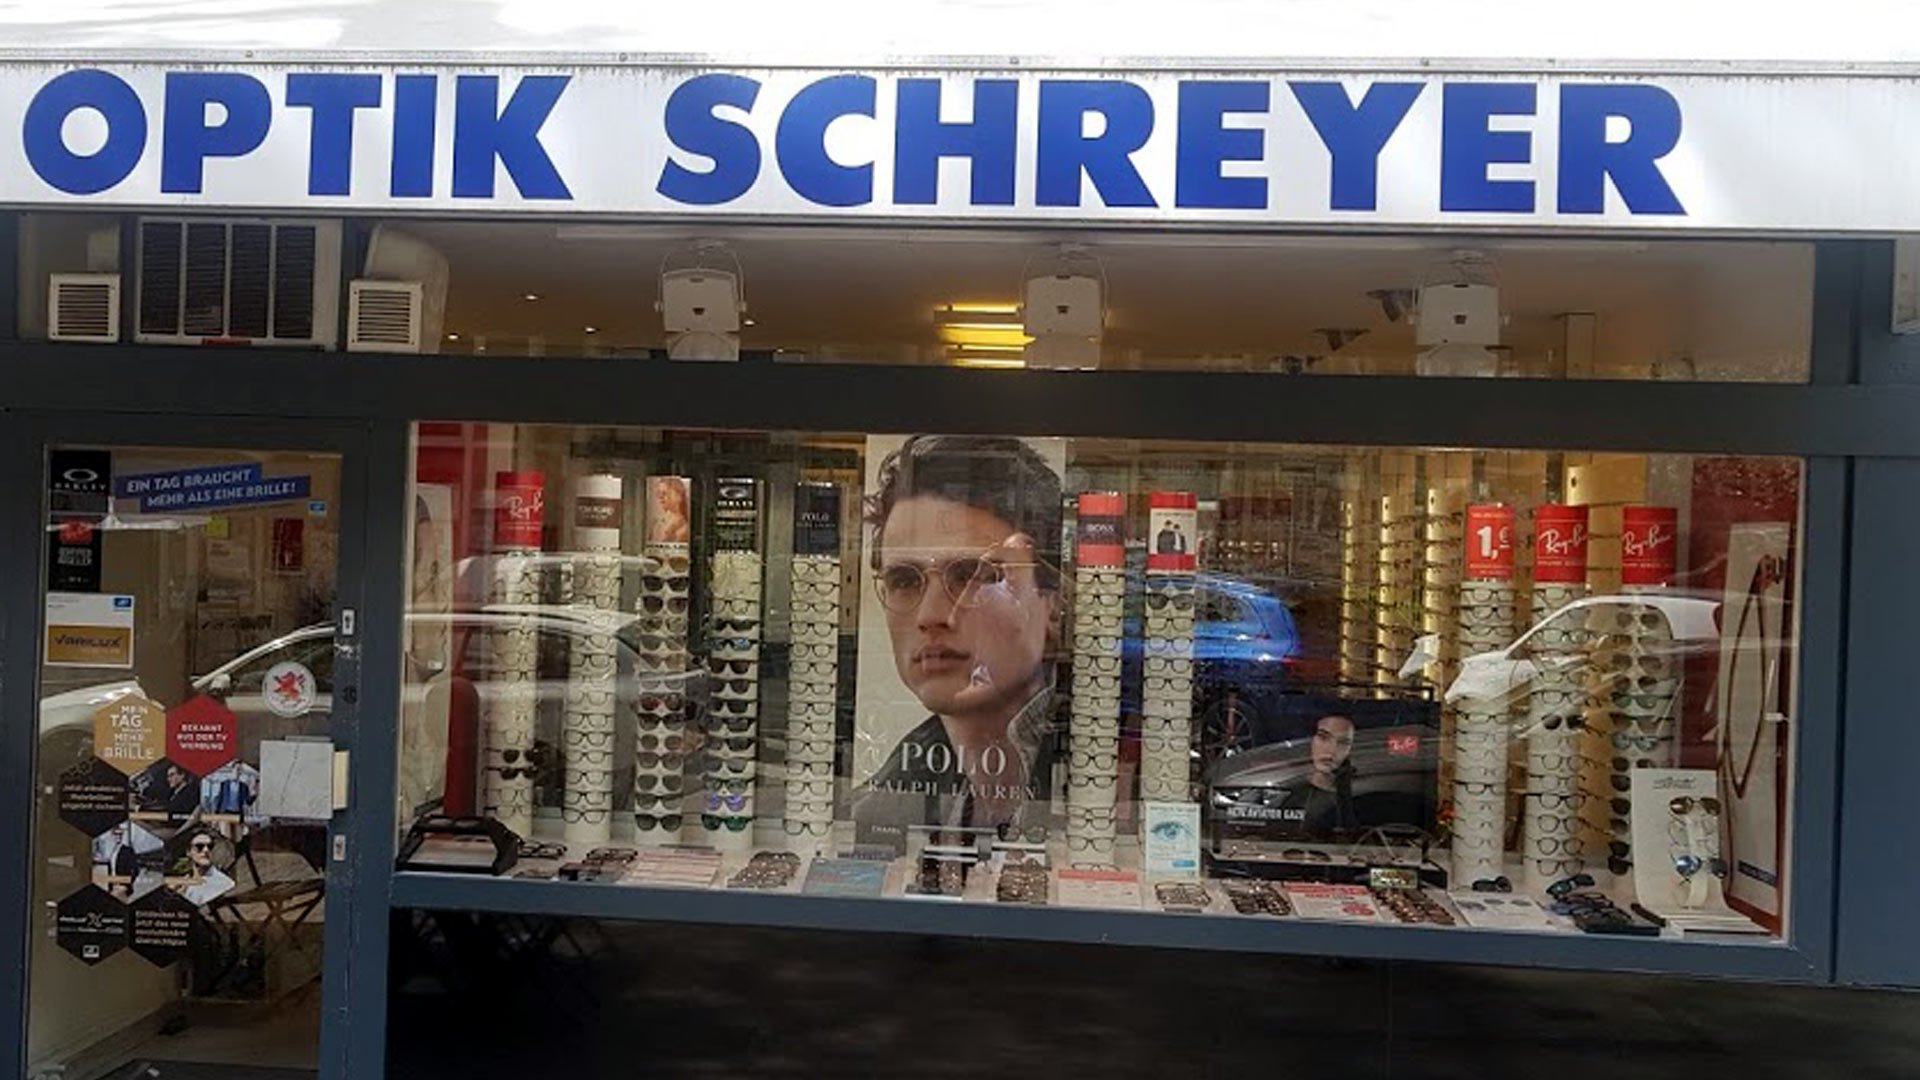 Augen Optiker Schreyer